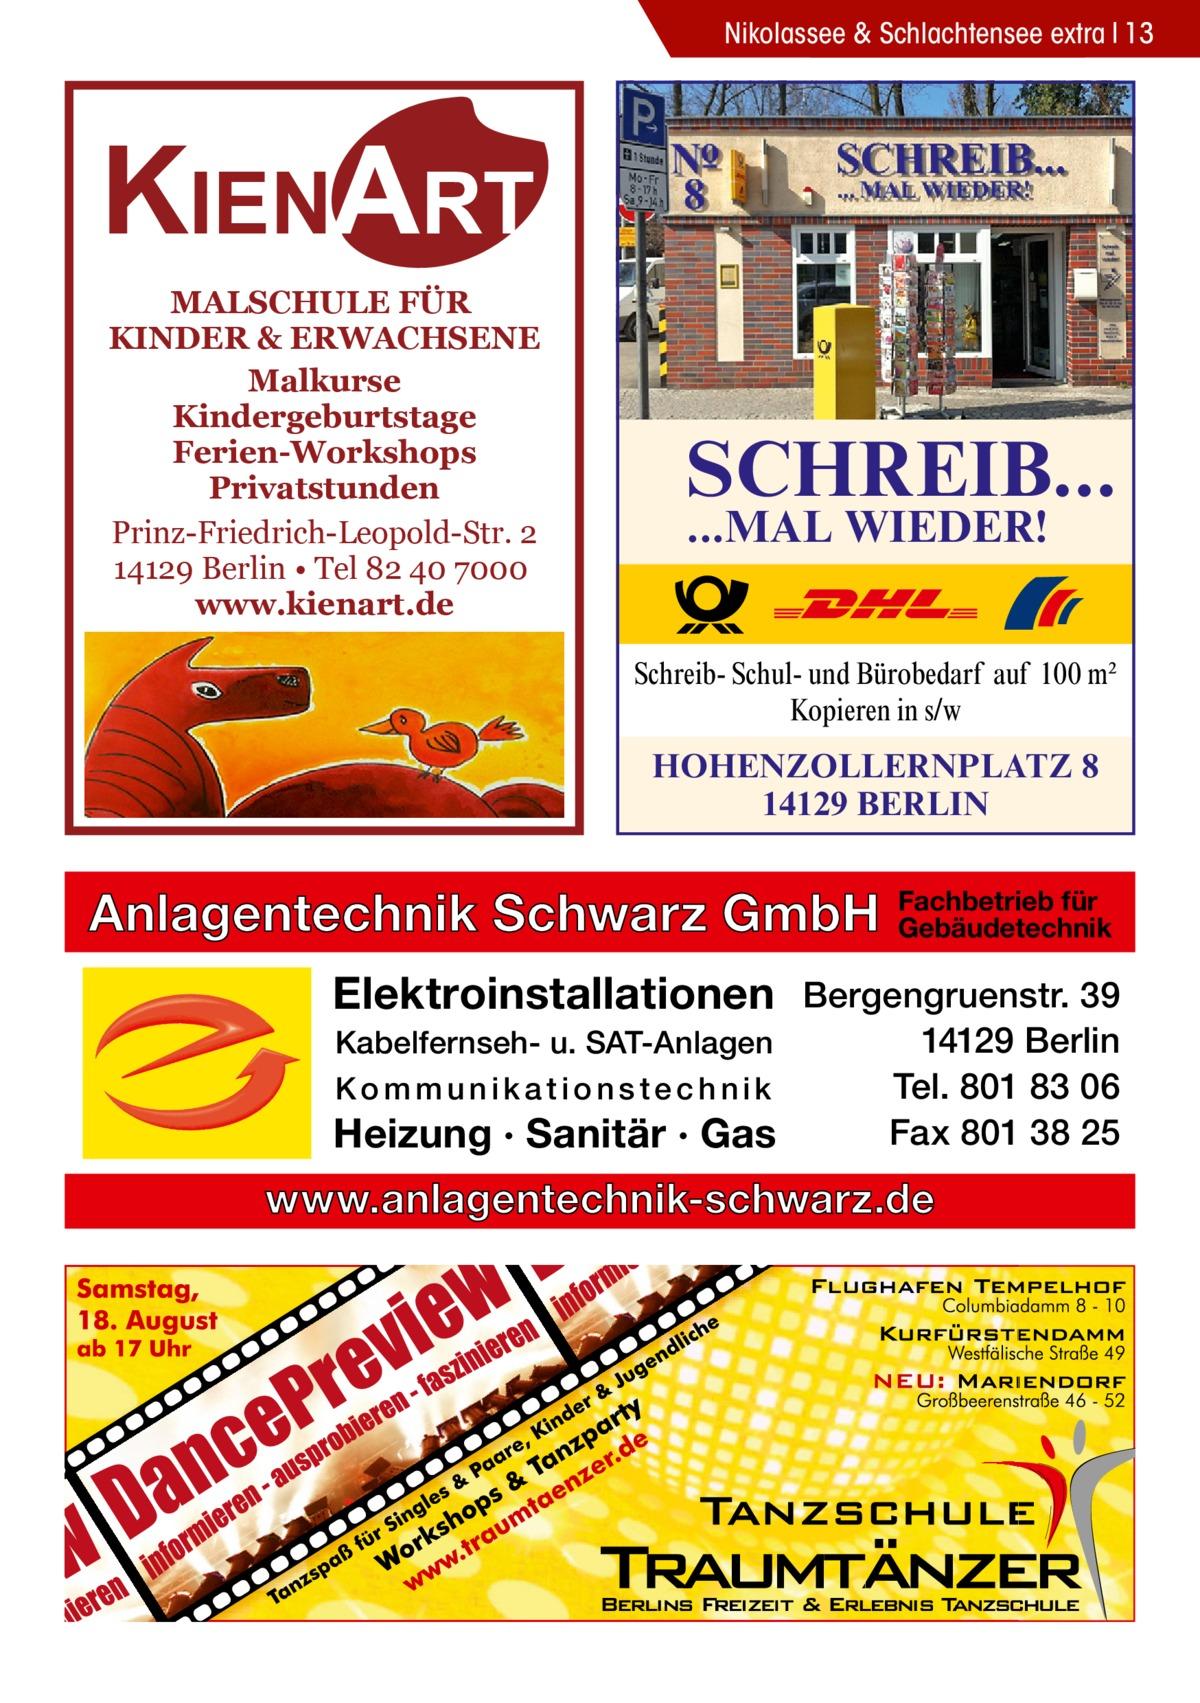 Nikolassee & Schlachtensee extra 13  KIENART MALSCHULE FÜR KINDER & ERWACHSENE Malkurse Kindergeburtstage Ferien-Workshops Privatstunden Prinz-Friedrich-Leopold-Str. 2 14129 Berlin • Tel 82 40 7000 www.kienart.de  SCHREIB... ...MAL WIEDER!  Schreib- Schul- und Bürobedarf auf 100 m2 Kopieren in s/w  HOHENZOLLERNPLATZ 8 14129 BERLIN  Anlagentechnik Schwarz GmbH  Fachbetrieb für Gebäudetechnik  Elektroinstallationen Bergengruenstr. 39 Kabelfernseh- u. SAT-Anlagen Kommunikationstechnik  Heizung · Sanitär · Gas  14129 Berlin Tel. 801 83 06 Fax 801 38 25  www.anlagentechnik-schwarz.de